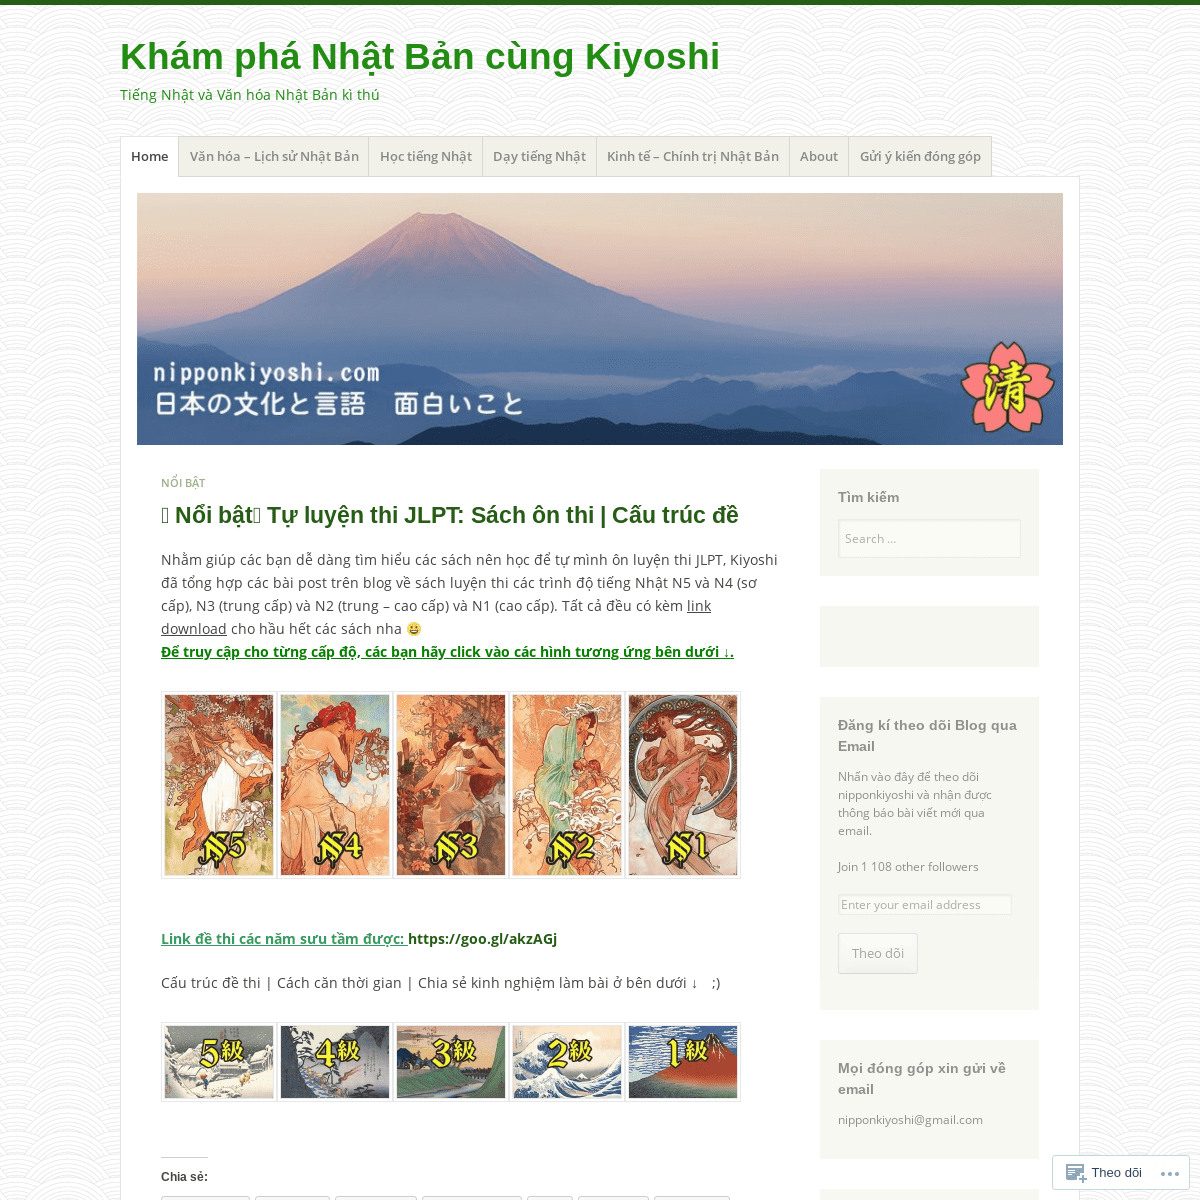 Khám phá Nhật Bản cùng Kiyoshi – Tiếng Nhật và Văn hóa Nhật Bản kì thú